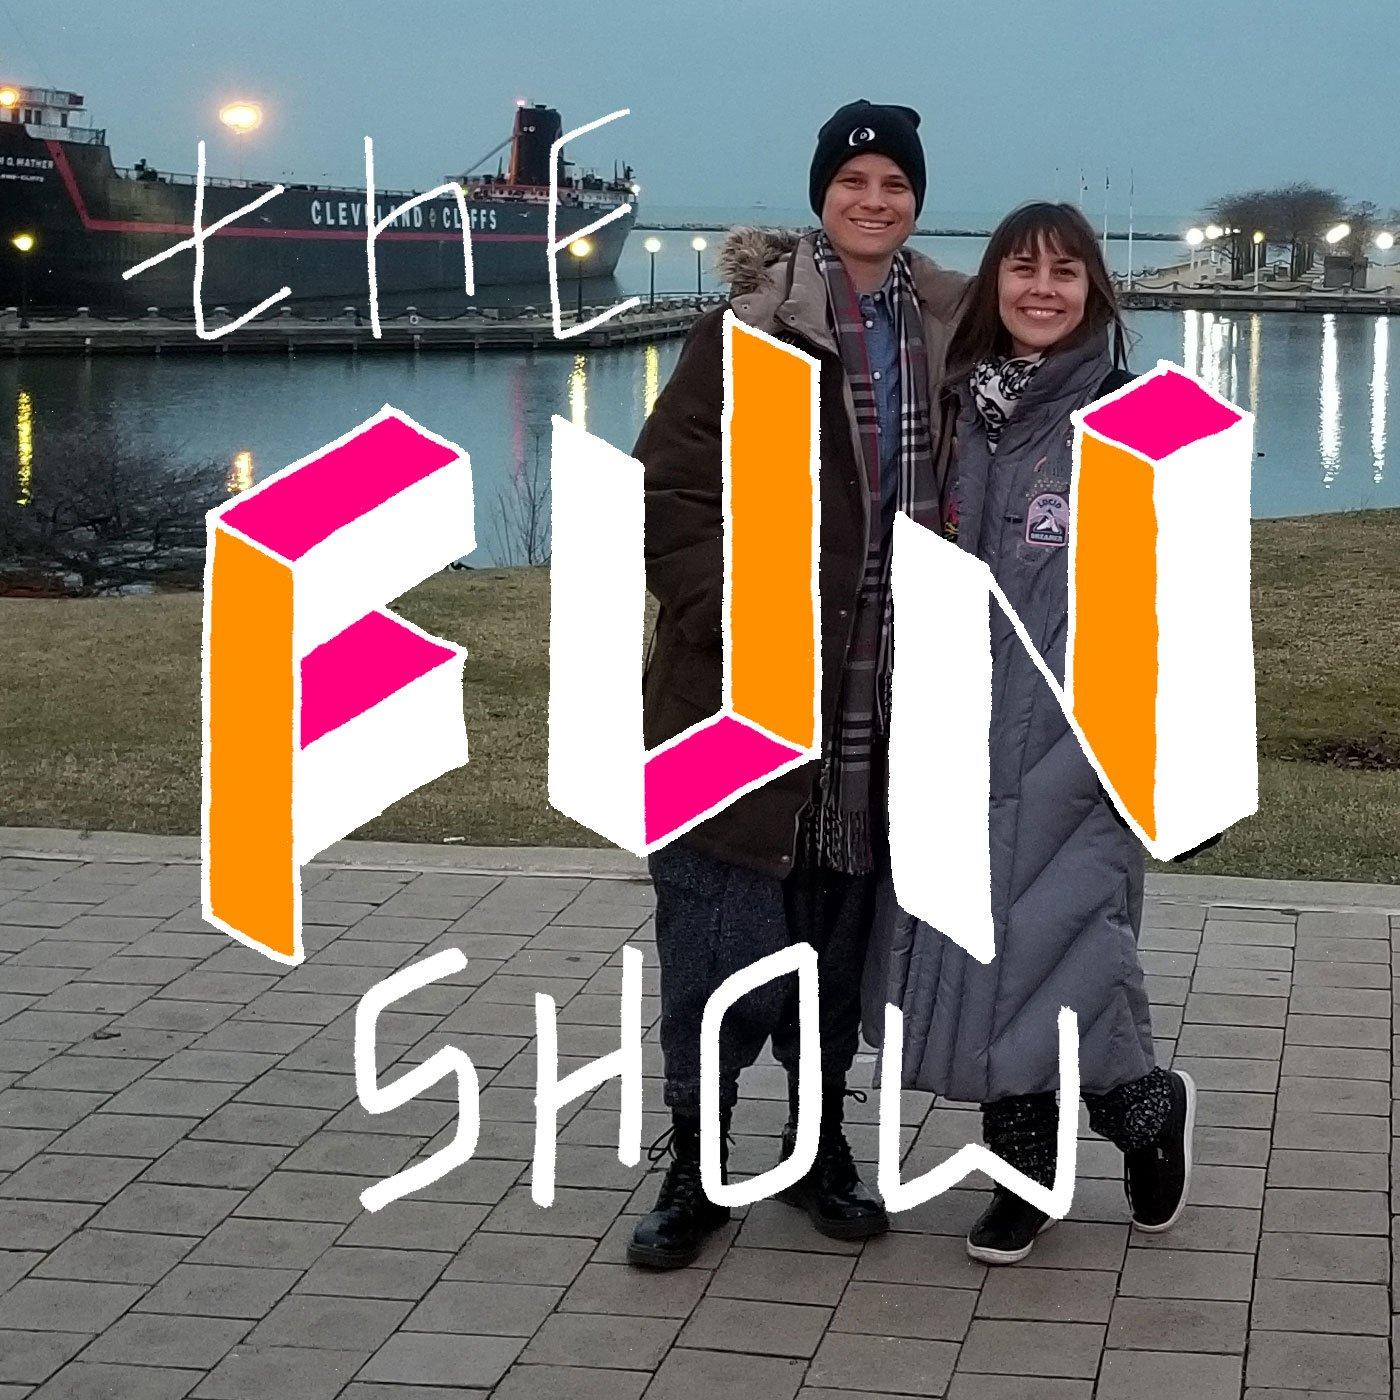 The Fun Show: S1E10